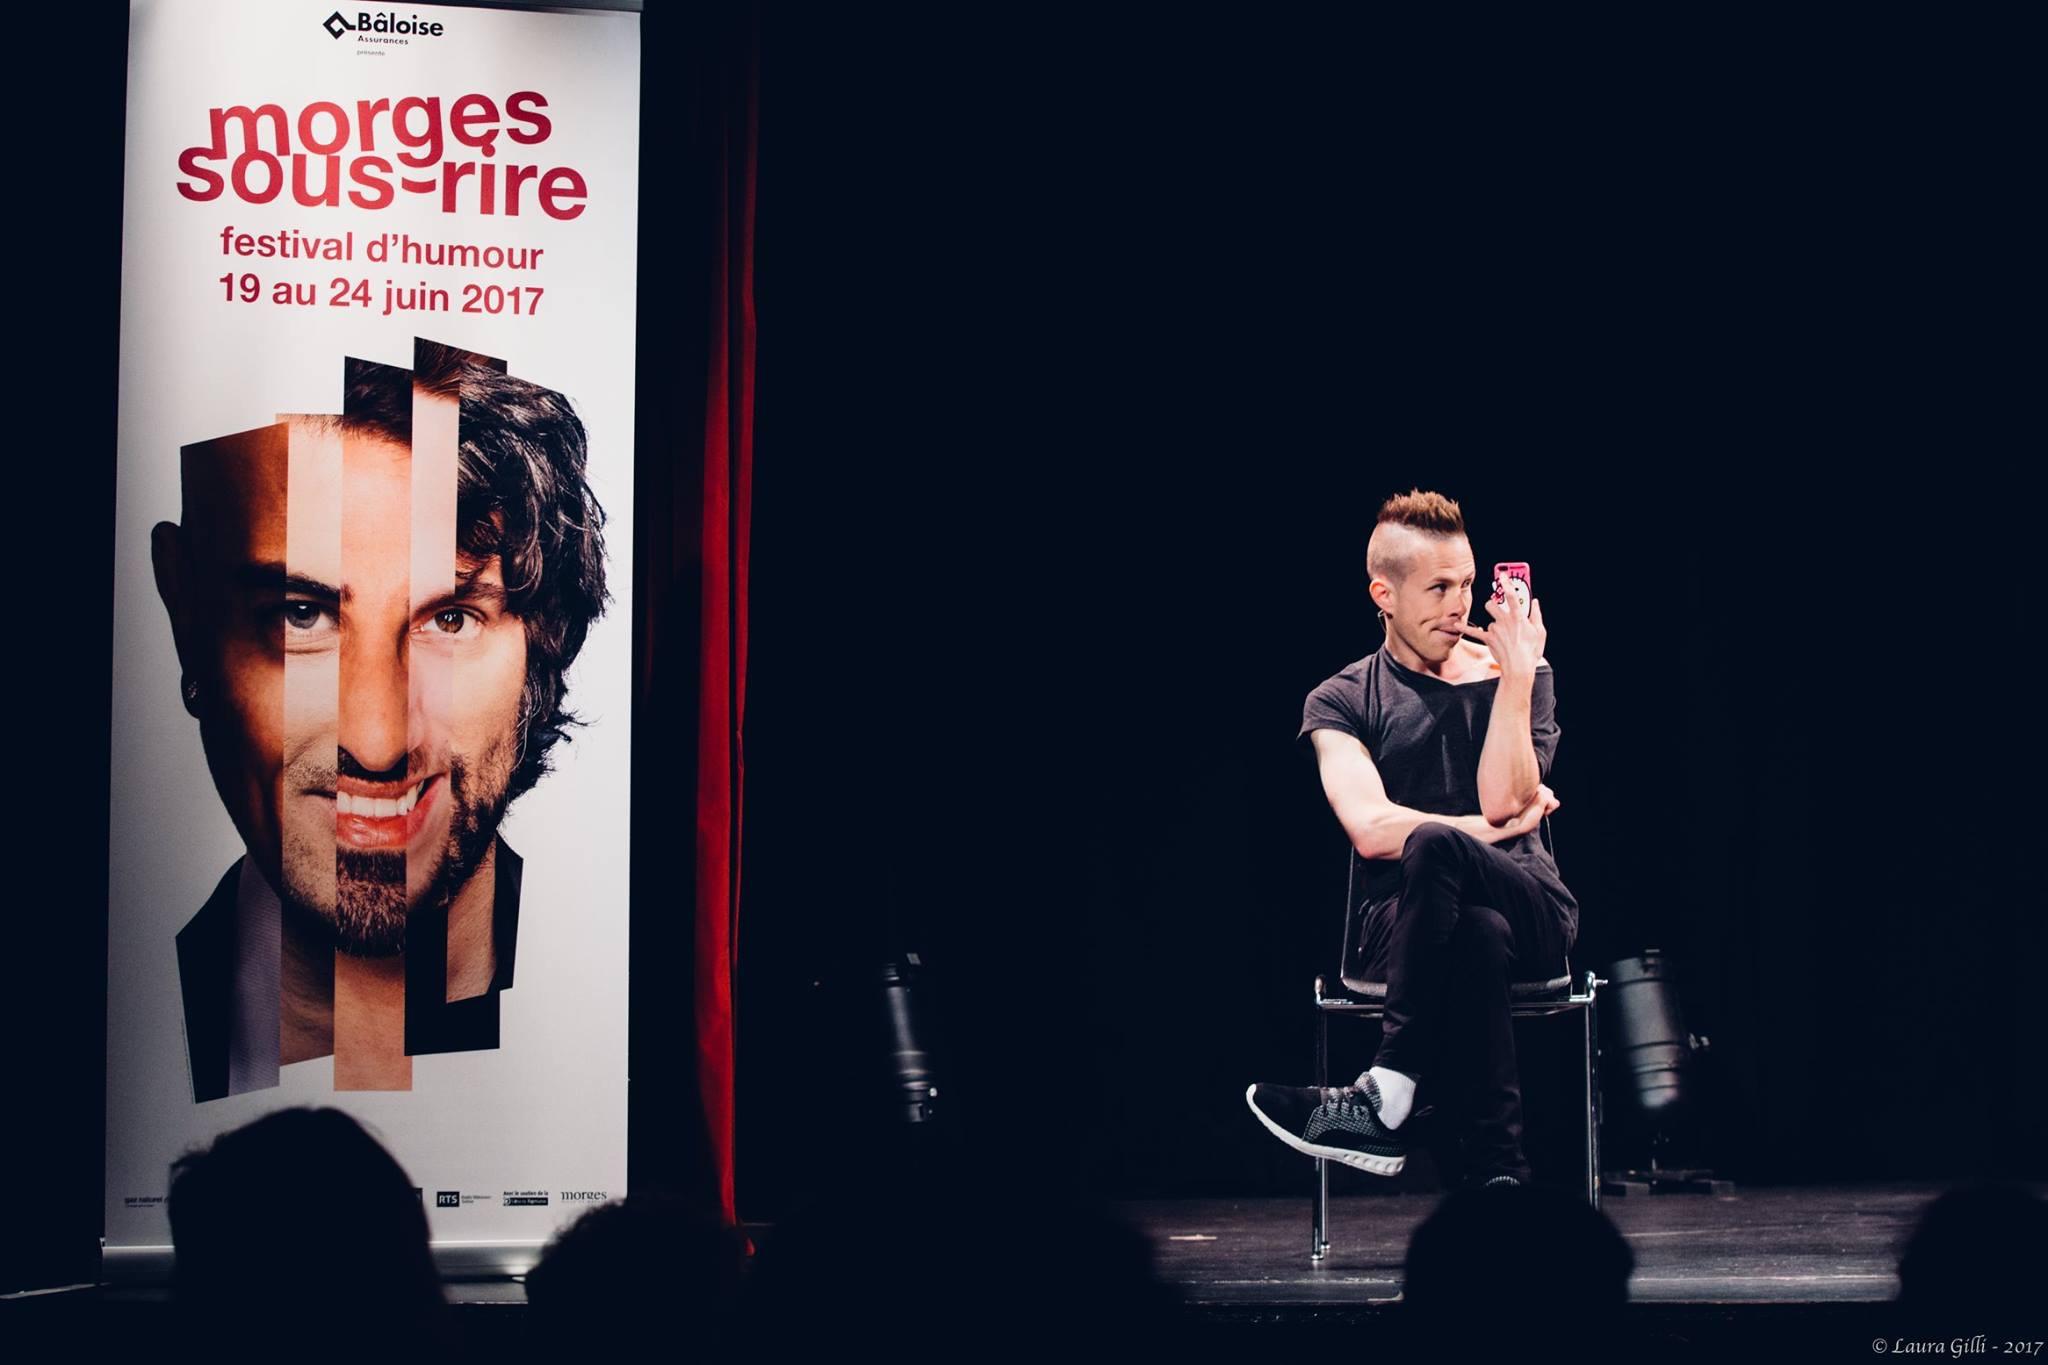 Mirko Rochat - Supermâle au CPO Lausanne pour le concours Scène Ouverte le 22 juin à Morges Sous Rire